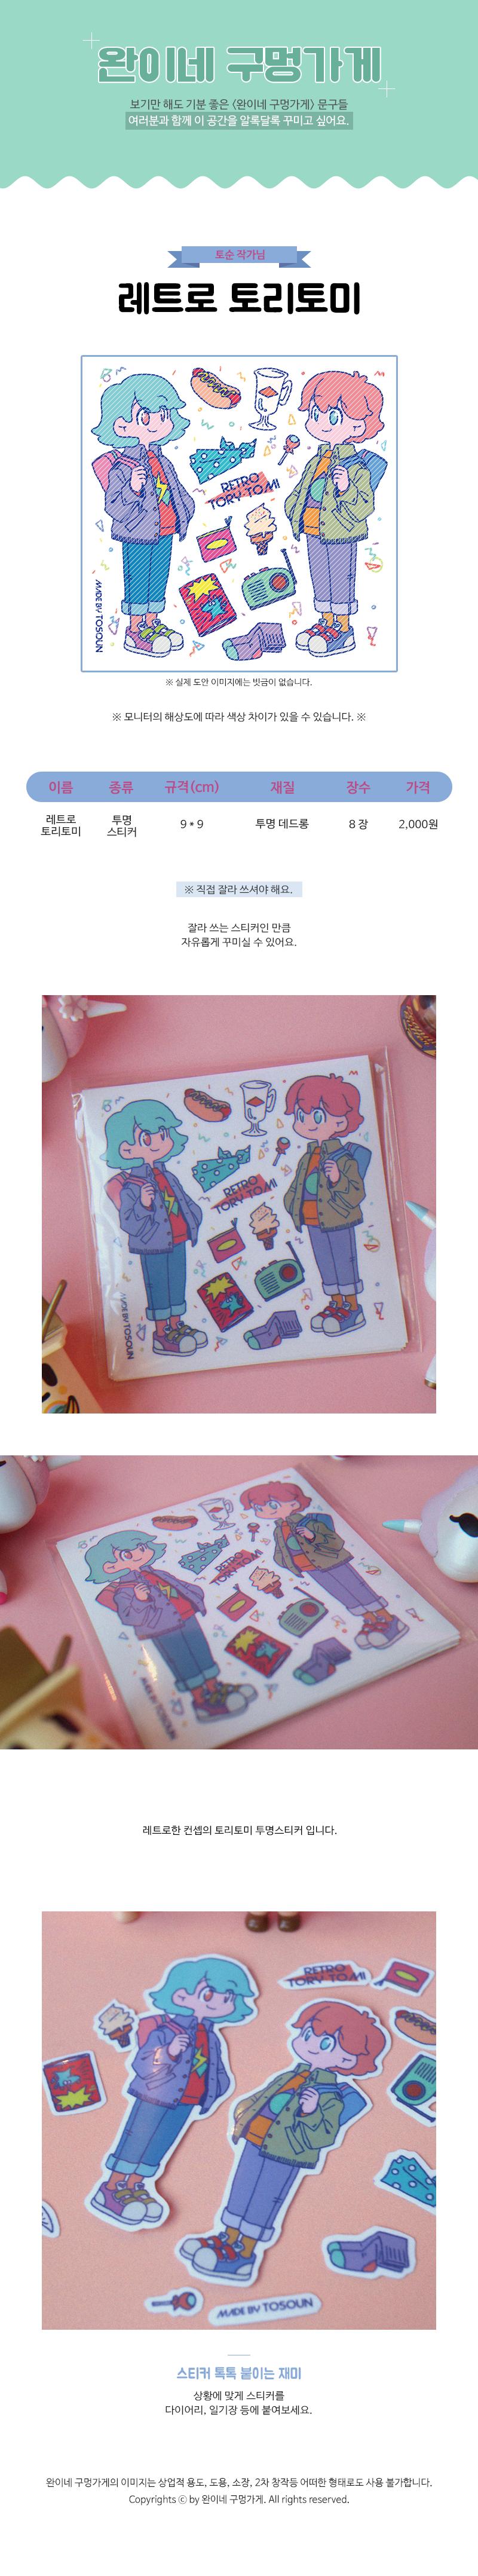 sticker29